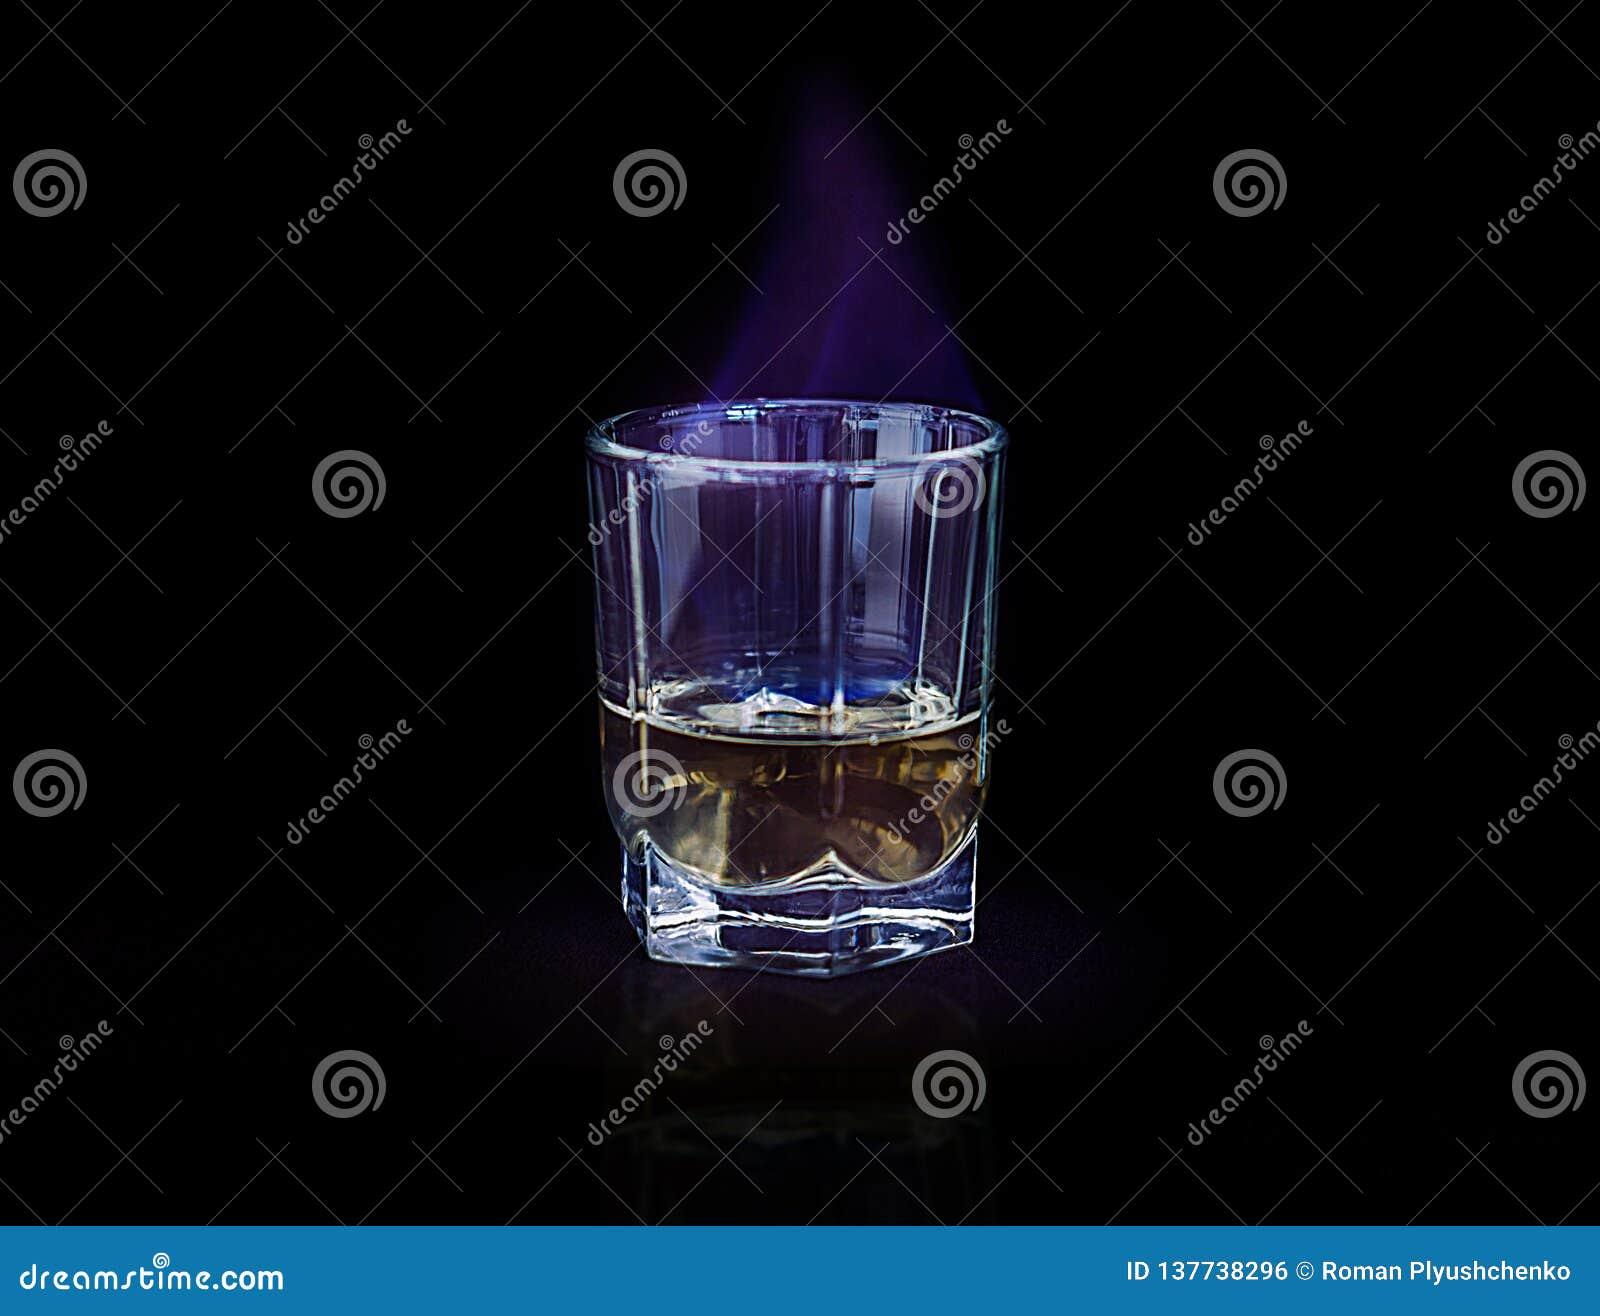 Стекло алкоголя горя голубое пламя